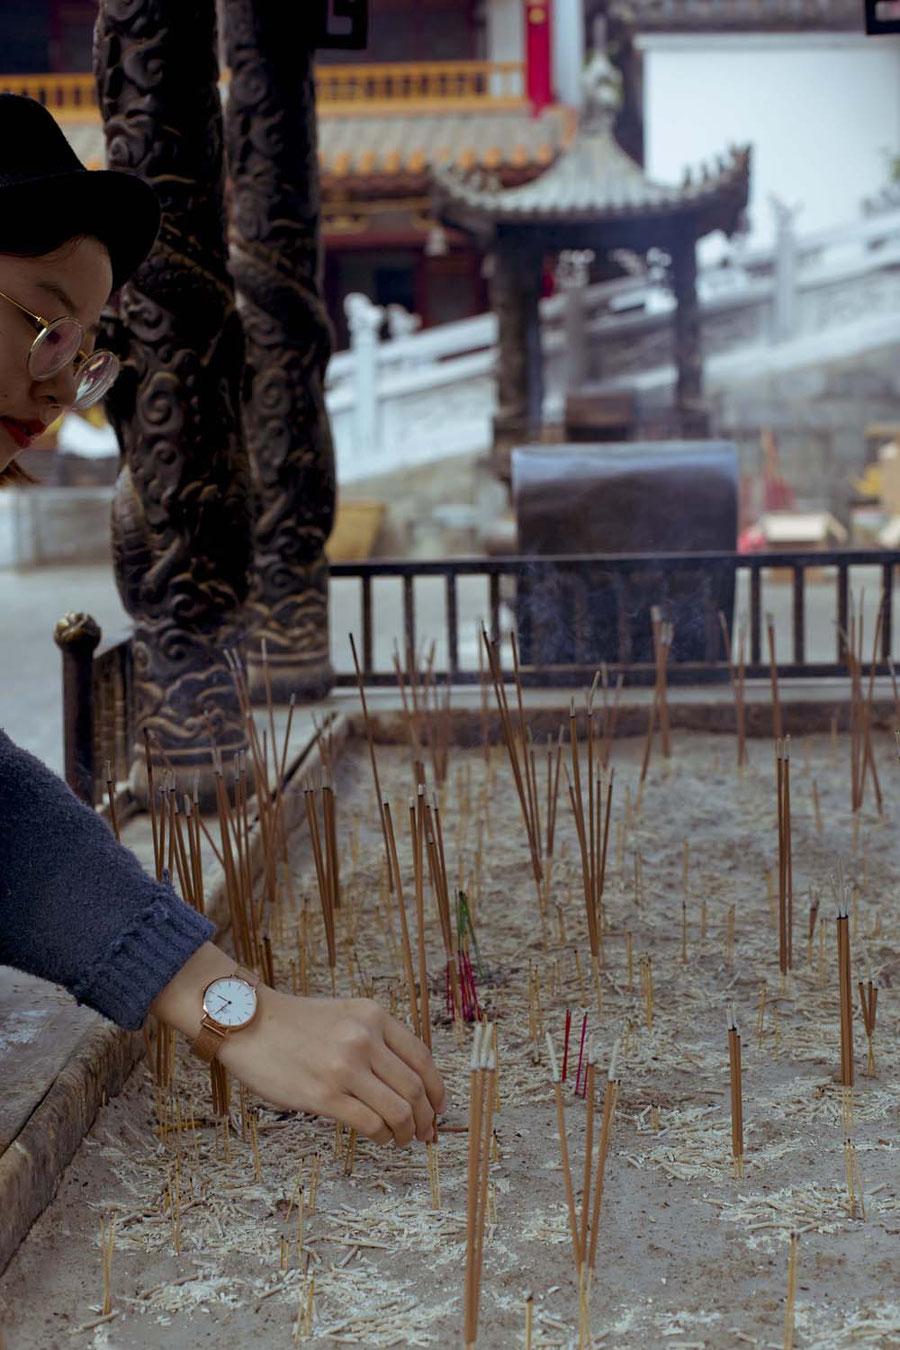 Räucherstäbchenwünsche, Kunming, China